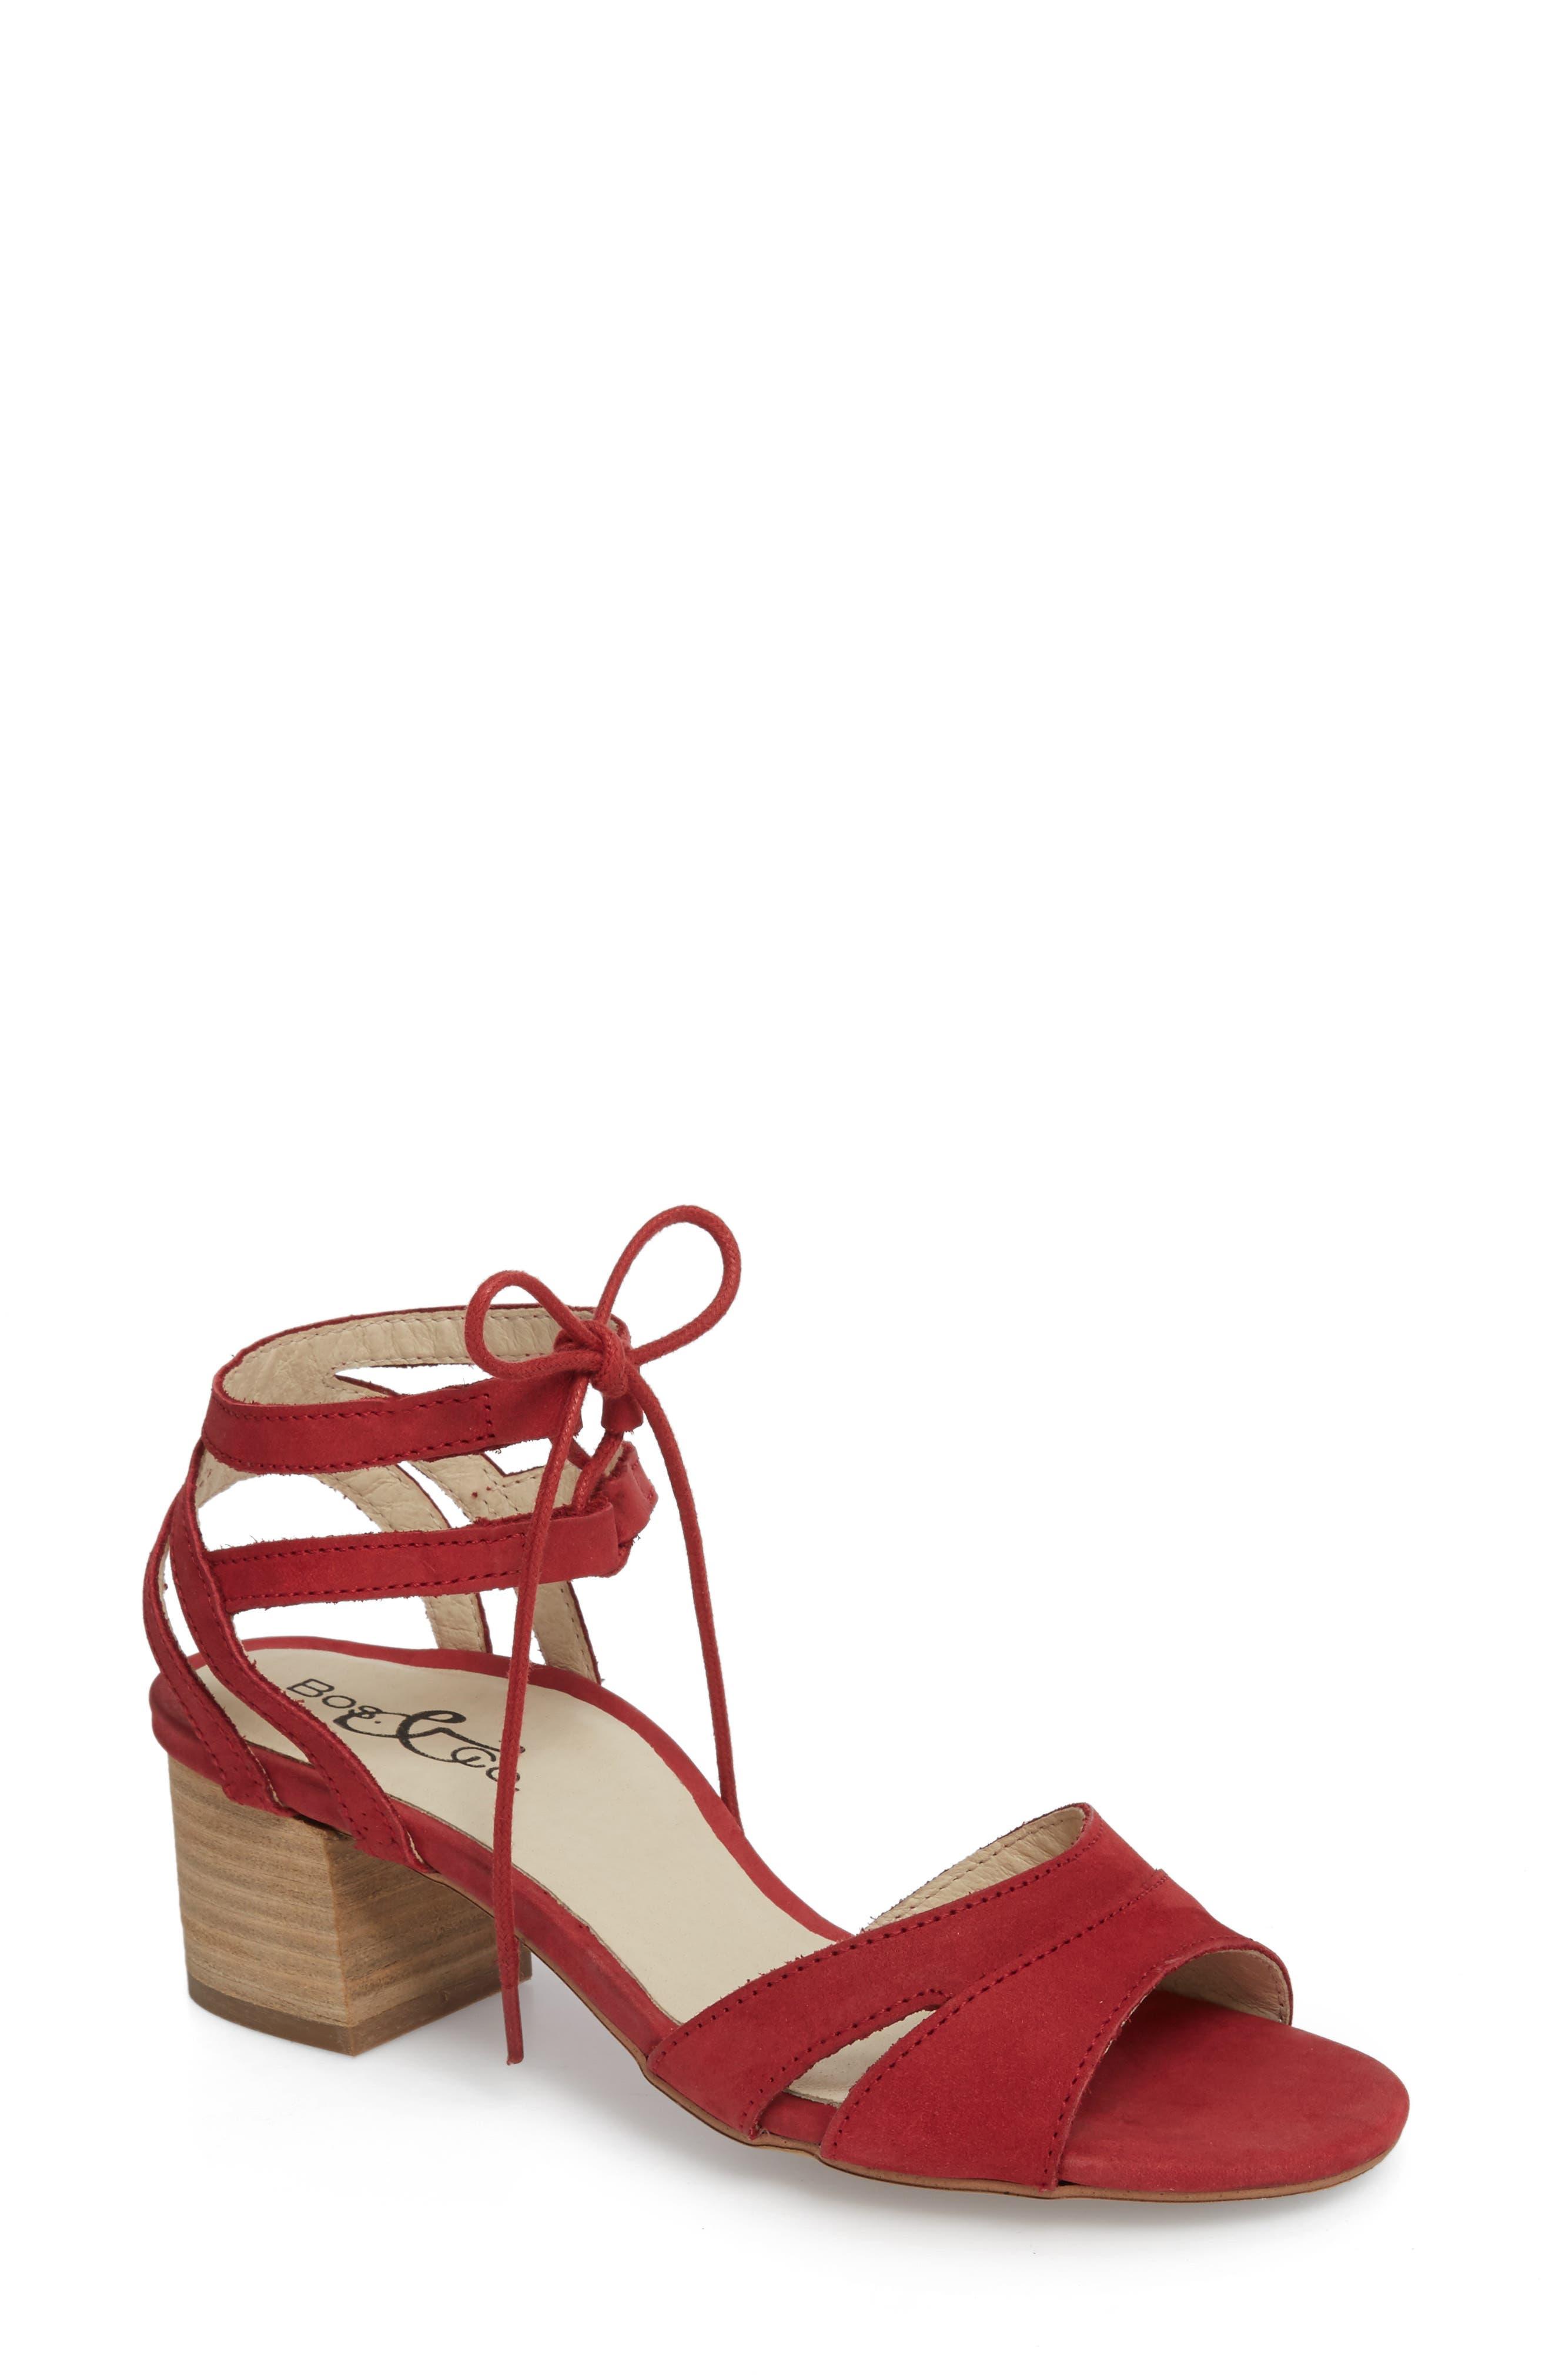 Bos. & Co. Zorita Sandal, Red